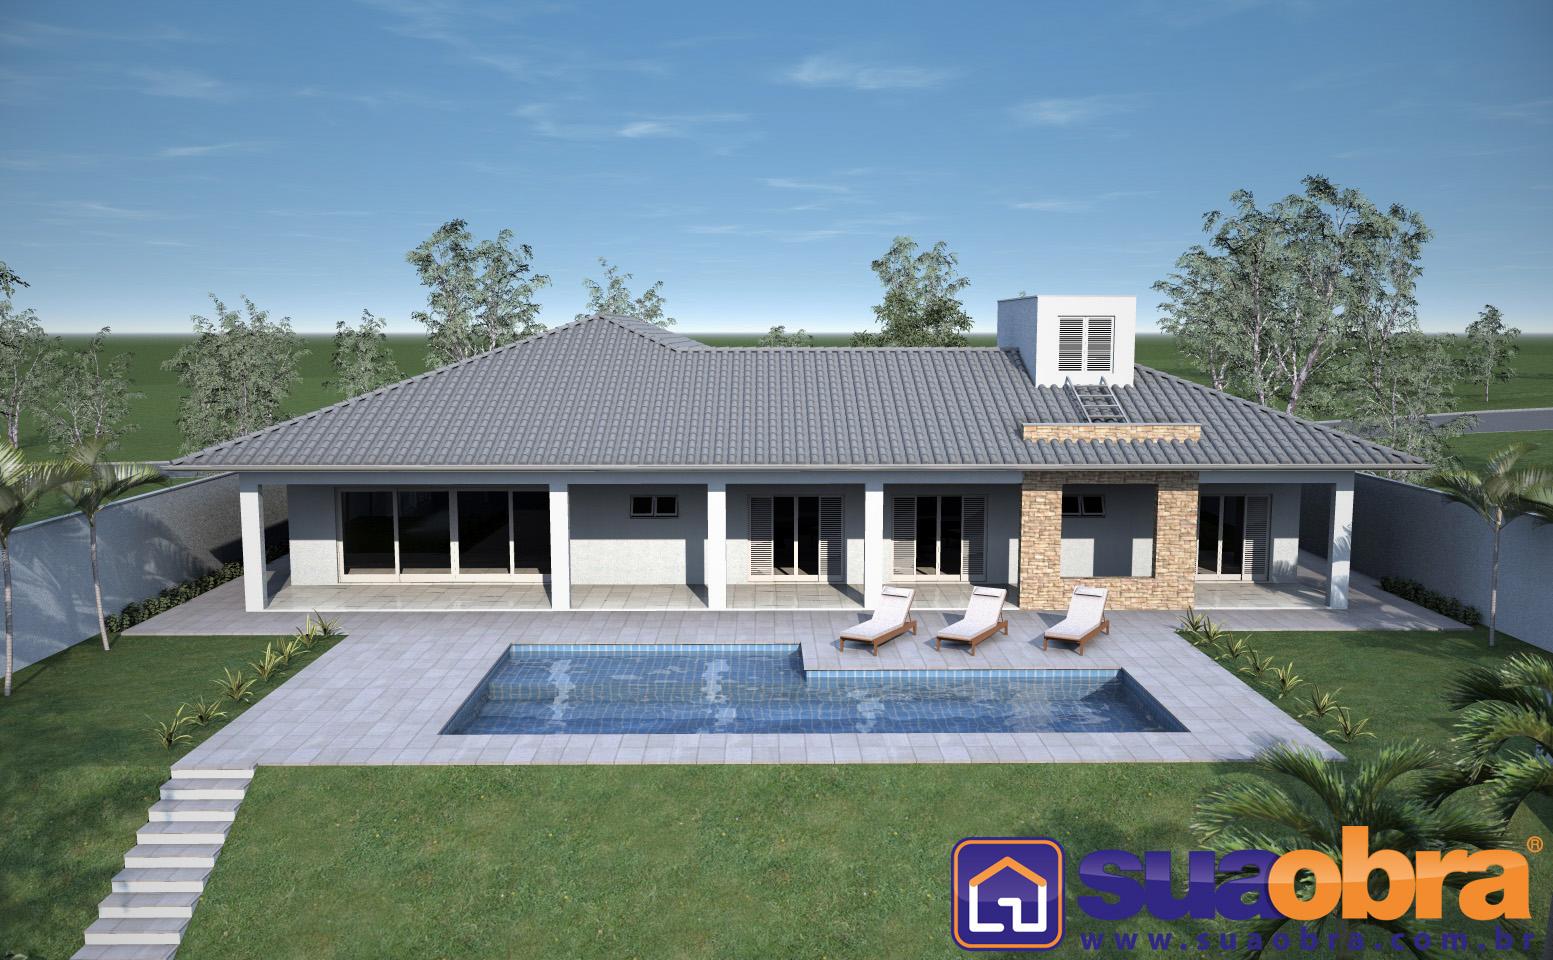 com 07 Projetos de Casas Térreas de Arquitetos e Engenheiros Famosos #386A93 1553 960